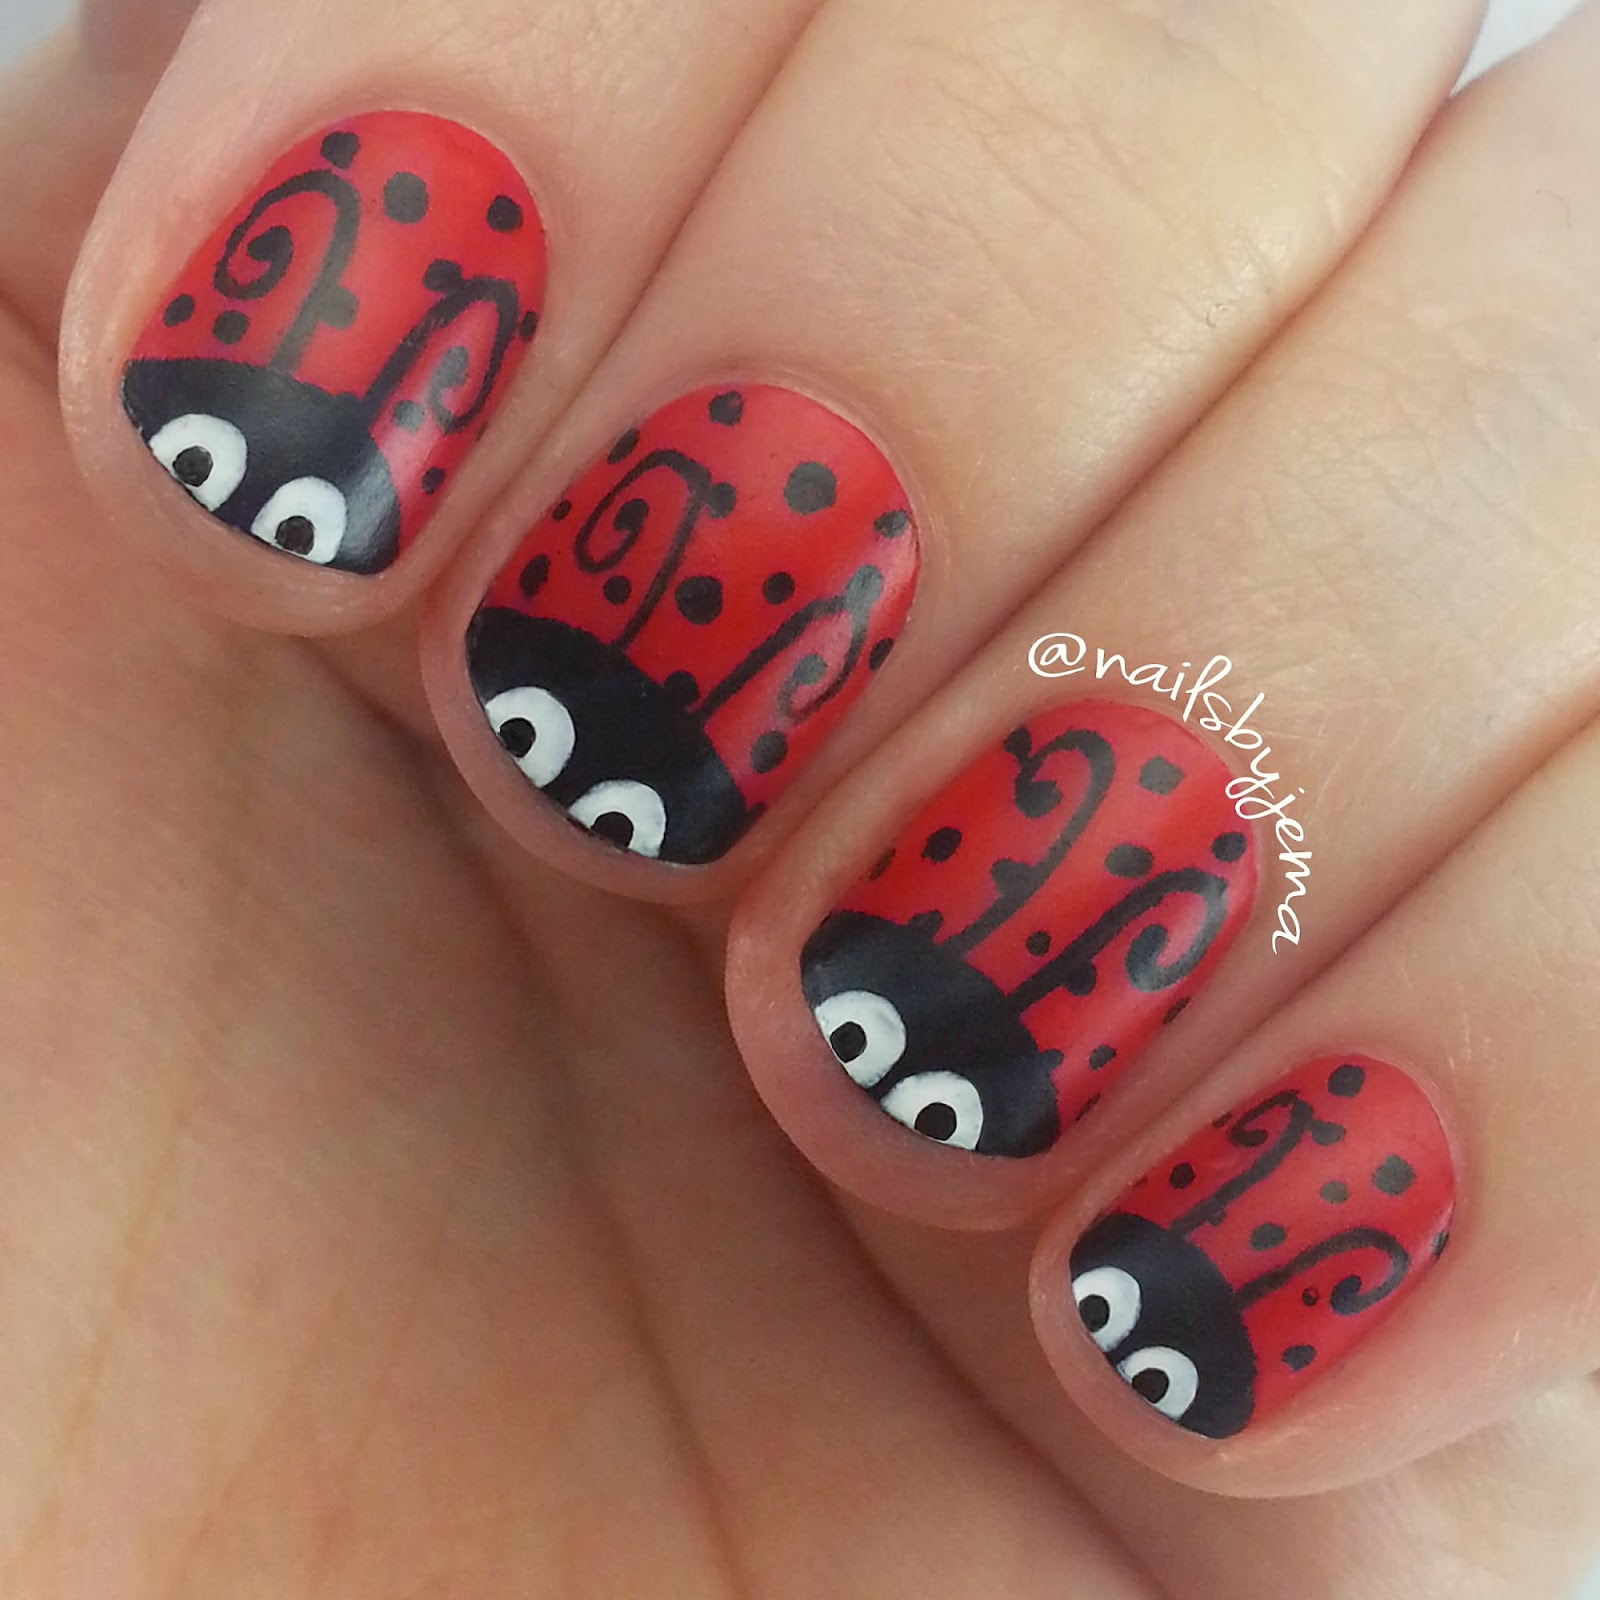 N A I L S B Y J E M A: Ladybug Nails